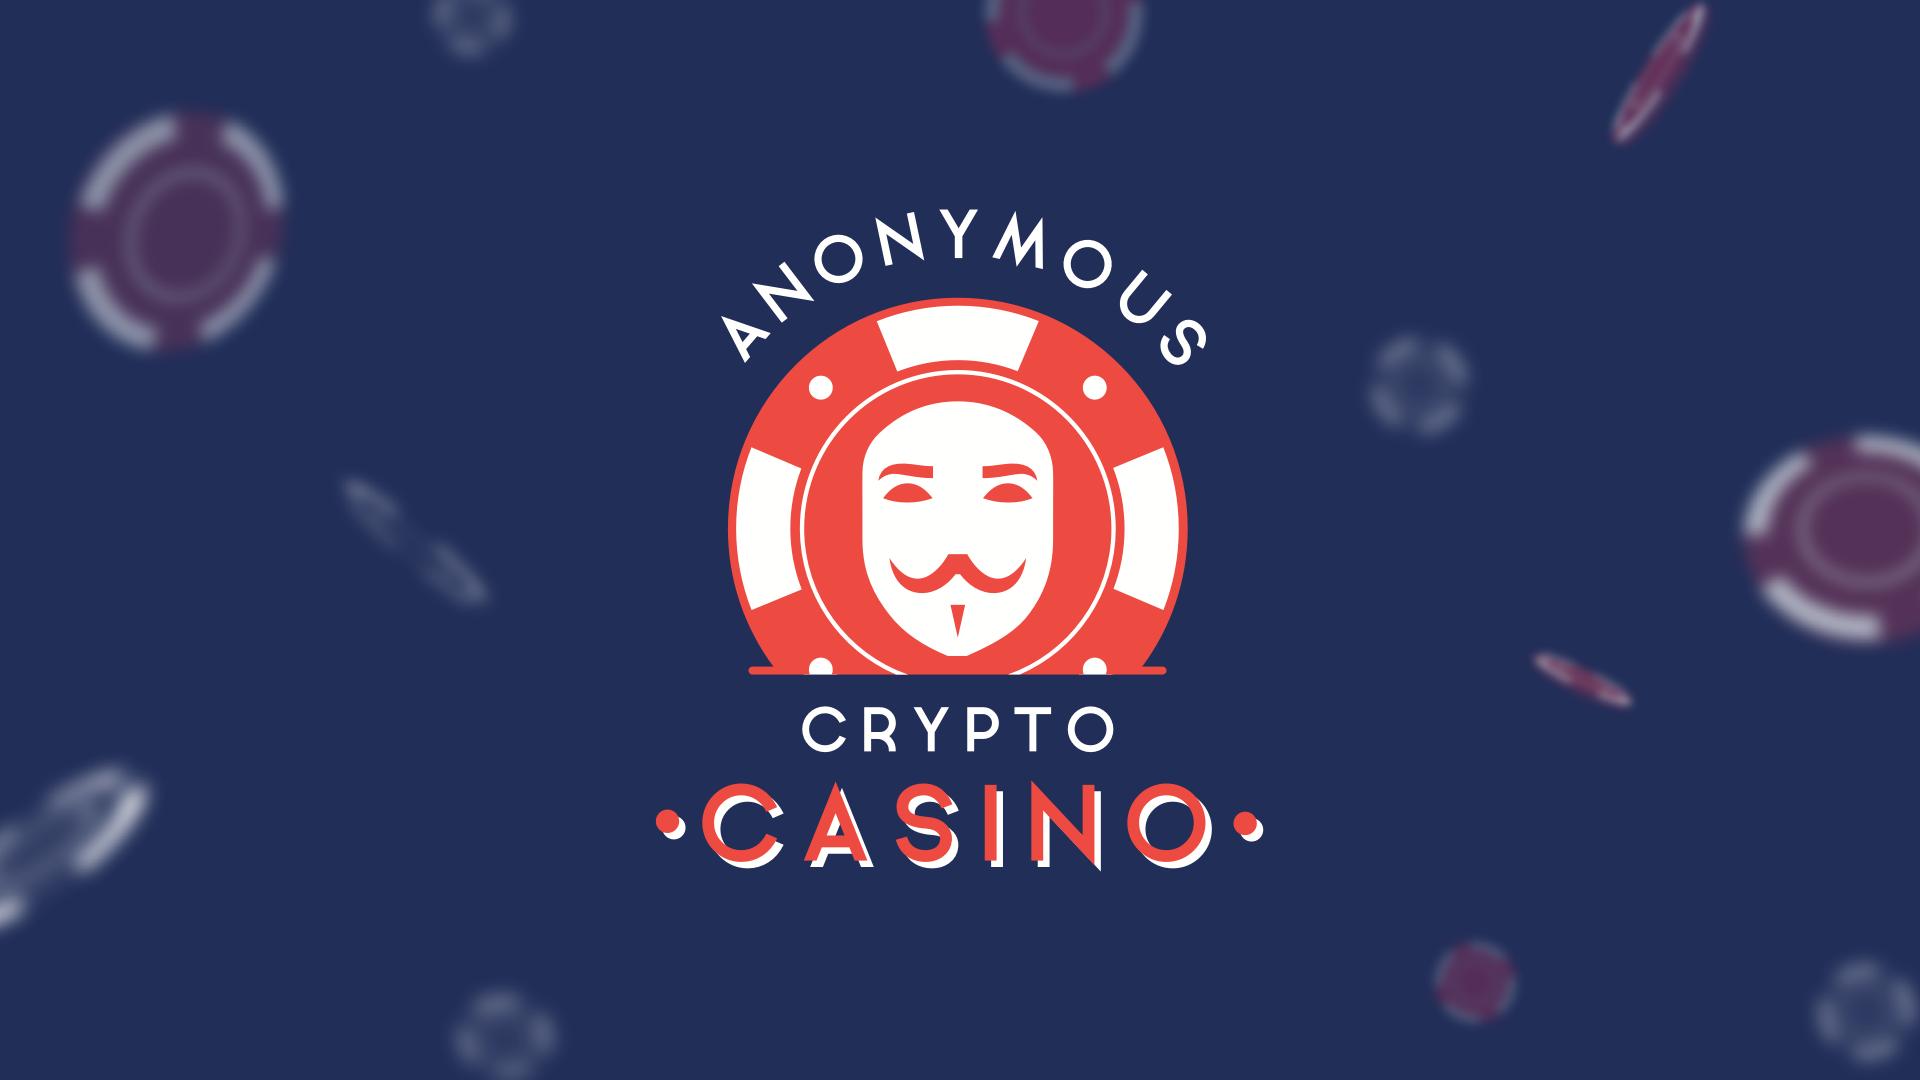 Bitcoin casino online senza deposito 2020